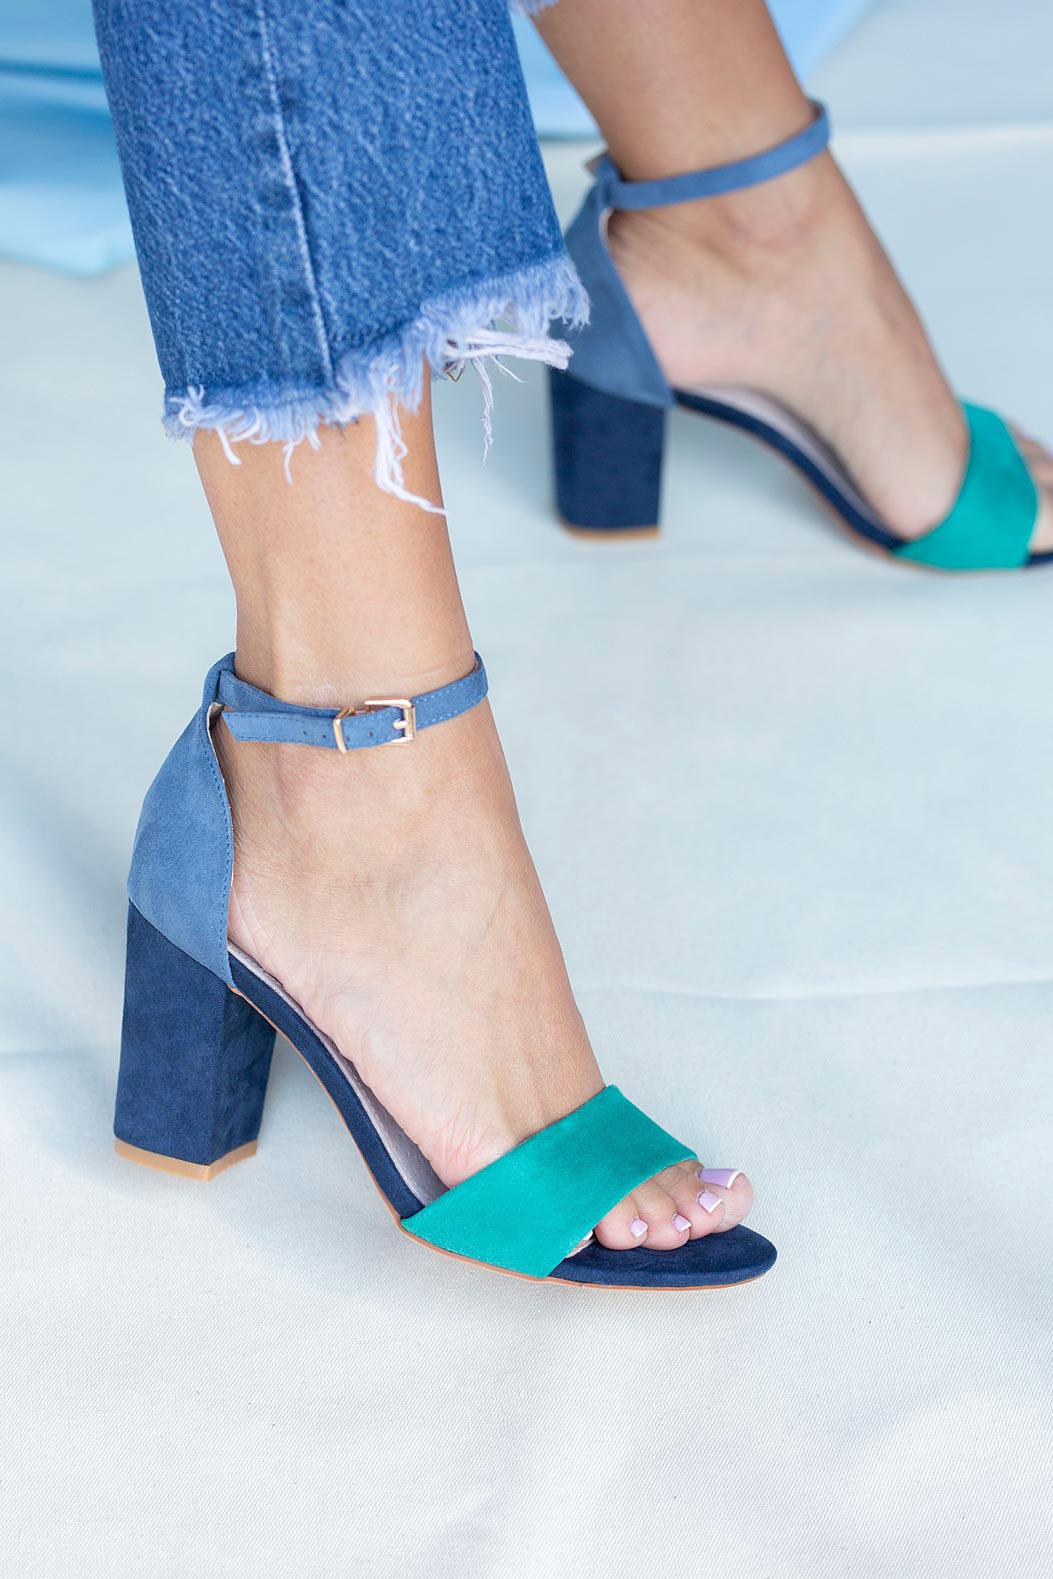 Granatowe sandały na słupku z zakrytą piętą paskiem wokół kostki ze skórzaną wkładką Casu ER20X2/N kolor granatowy, niebieski, zielony